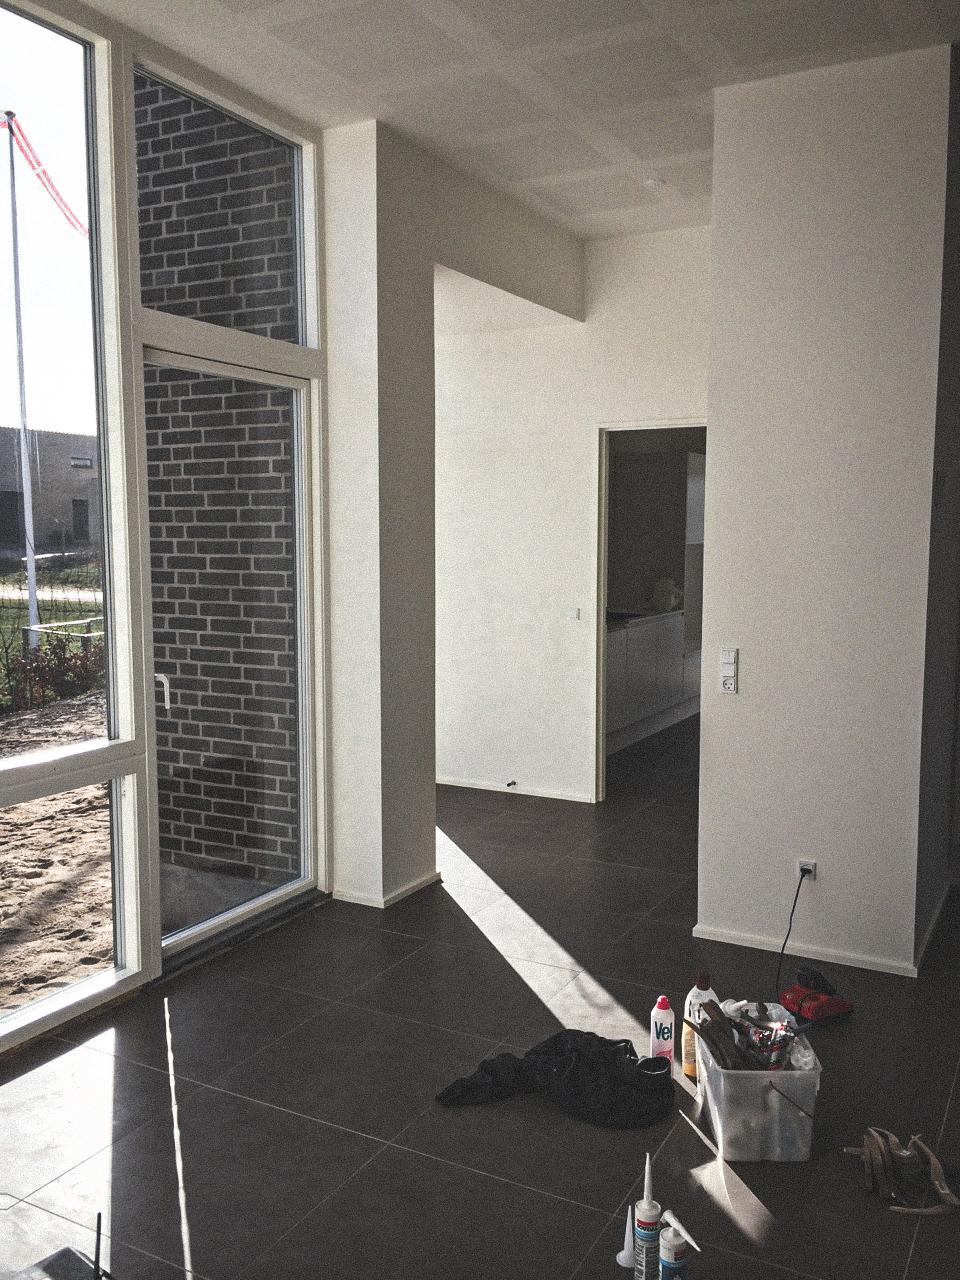 Billede af et igangværende byggeri i Horsens, tegnet af arkitektfirmaet m2plus.